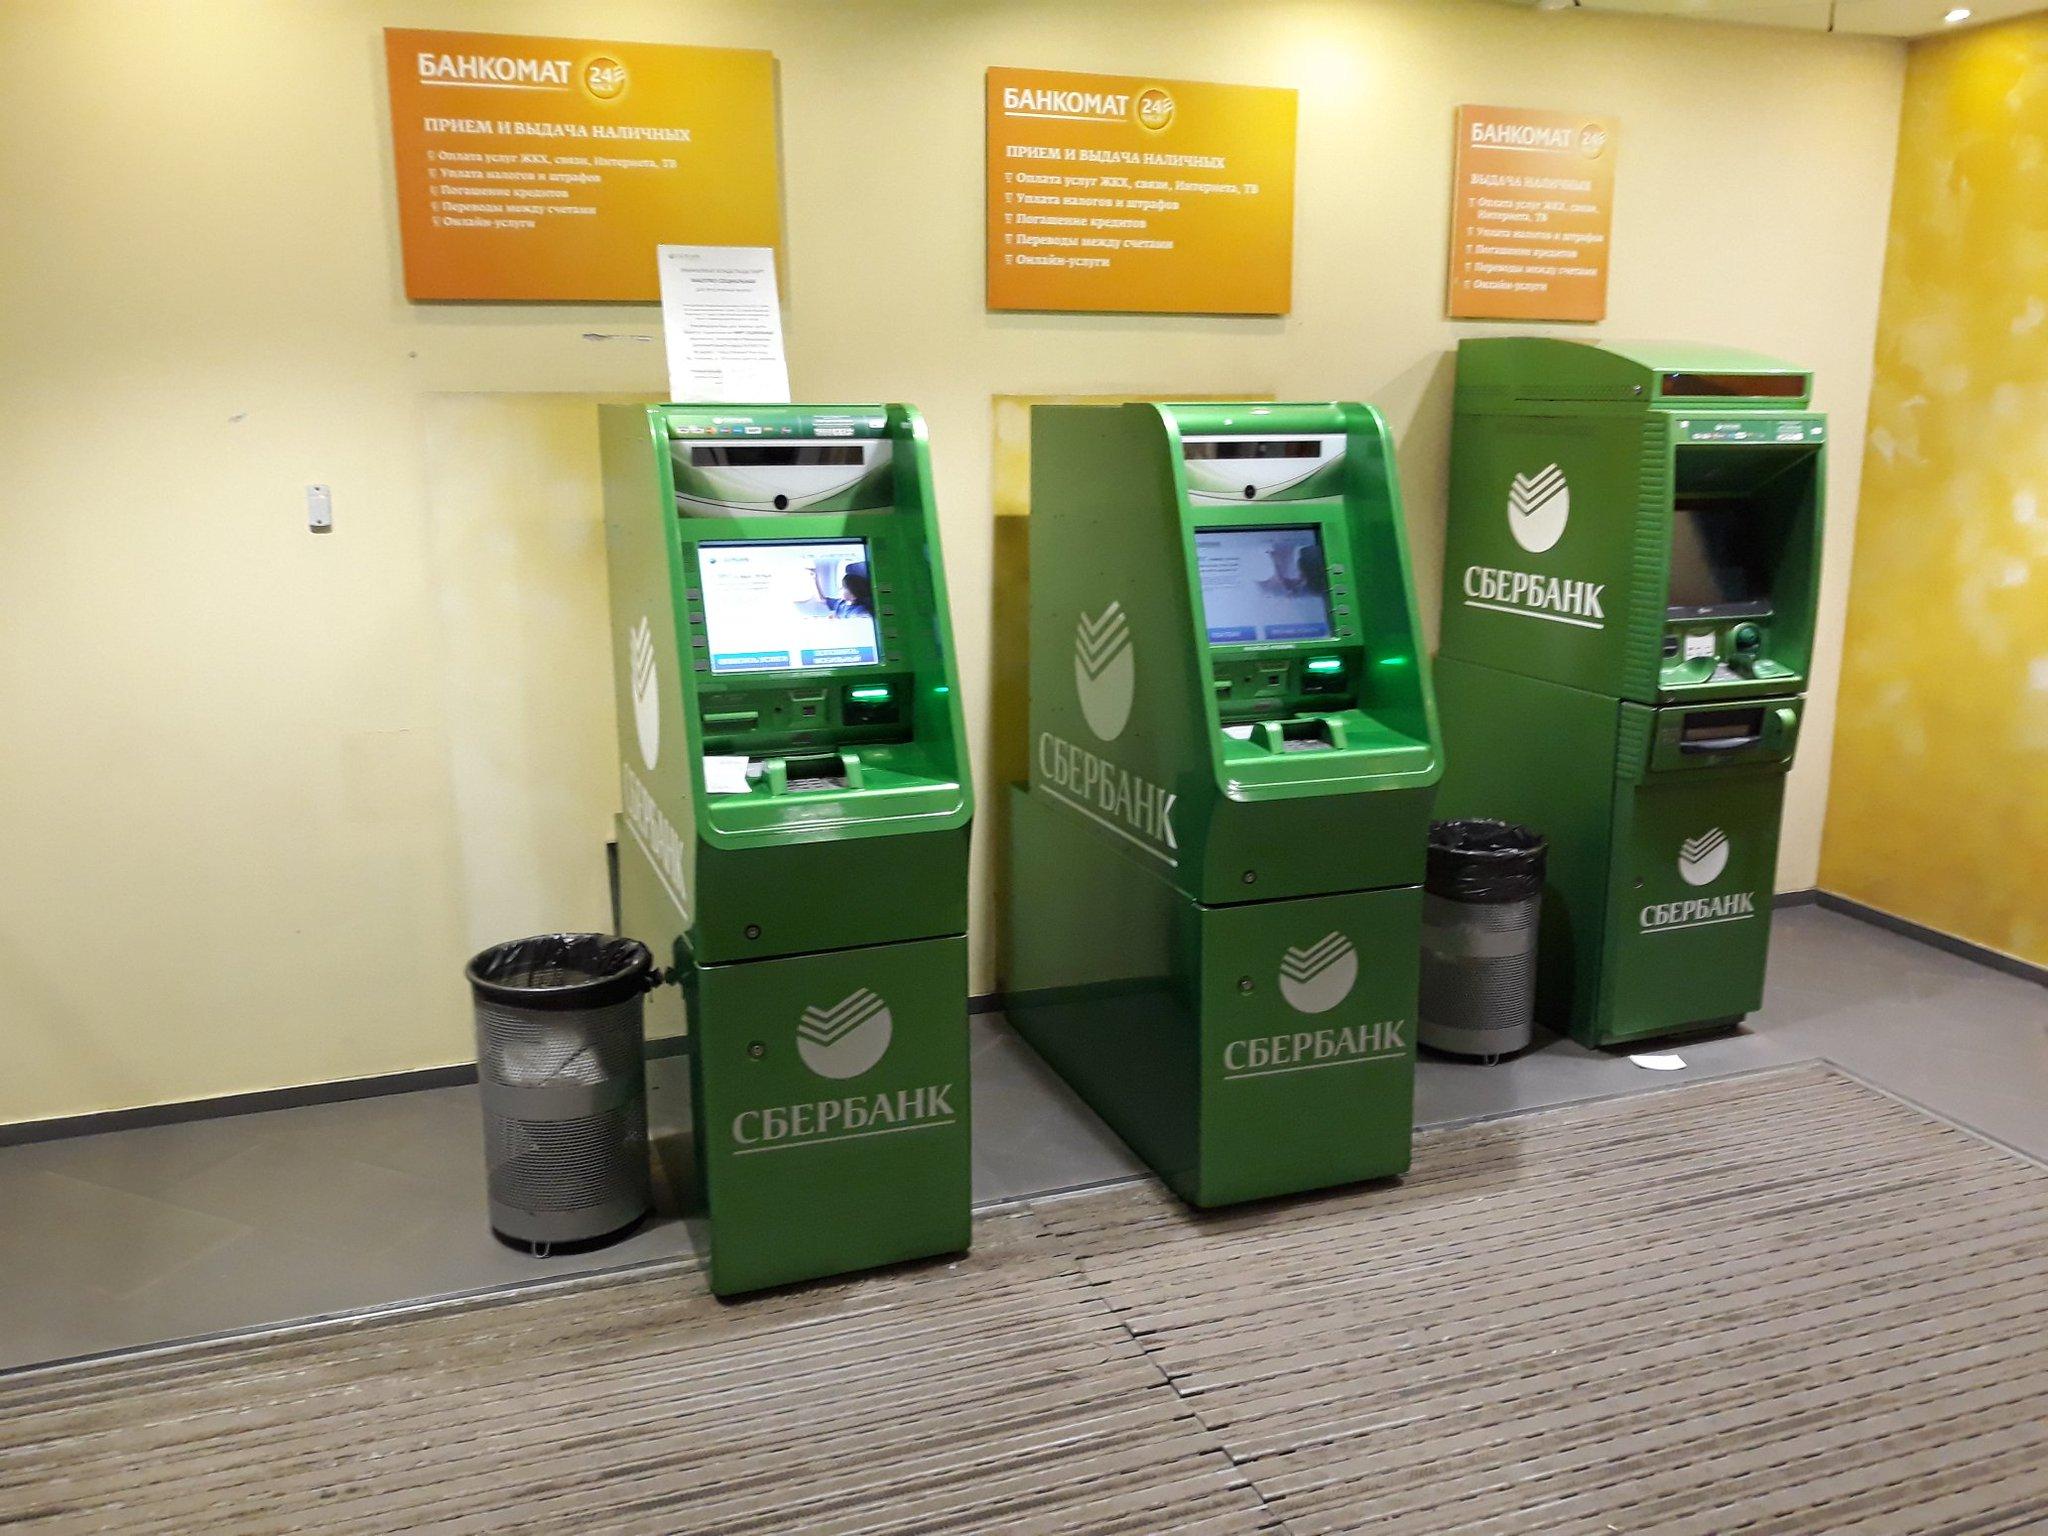 где нужно запрашивать фото с банкоматов которых